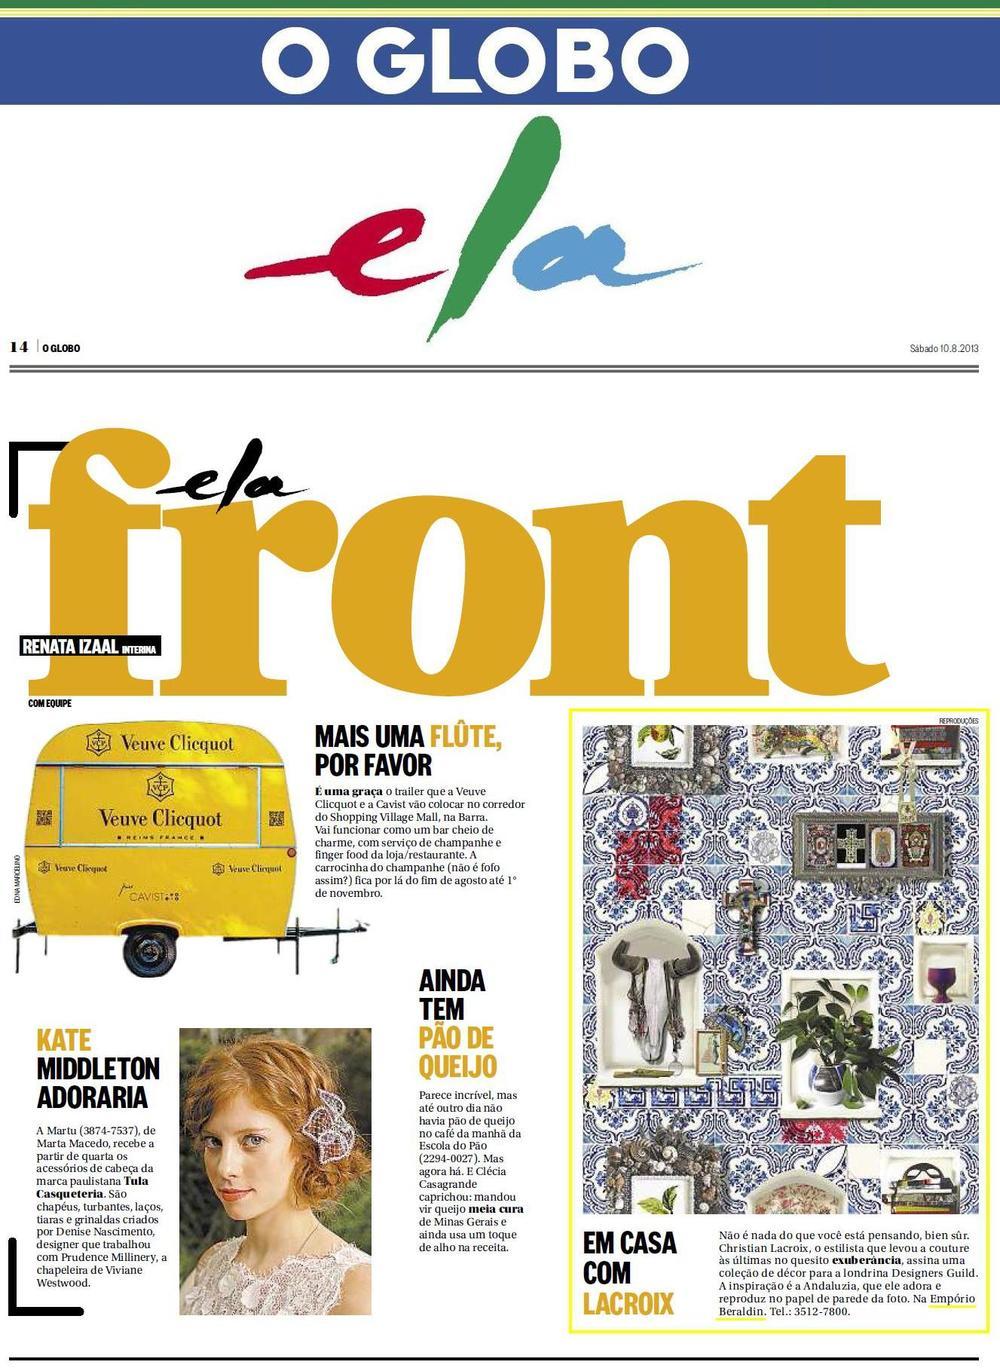 EMPÓRIO BERALDIN NO ELA - FRONT 10.08.2013.JPG